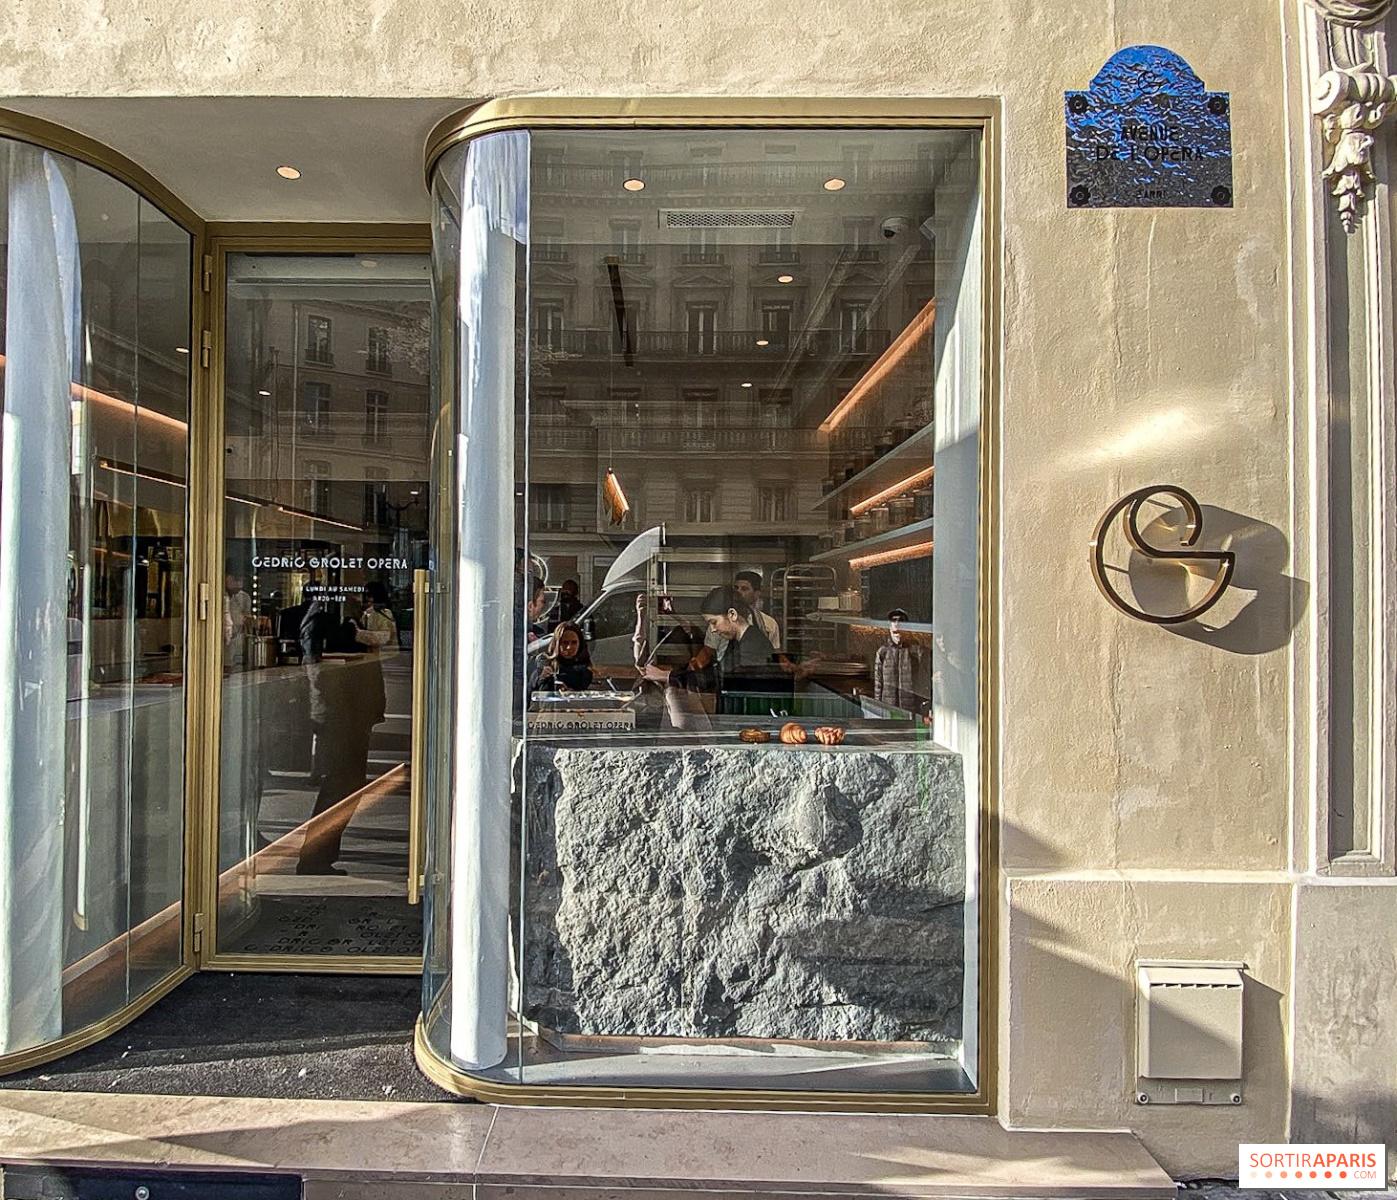 Ouverture de Cédric Grolet Opéra, la boulangerie,pâtisserie